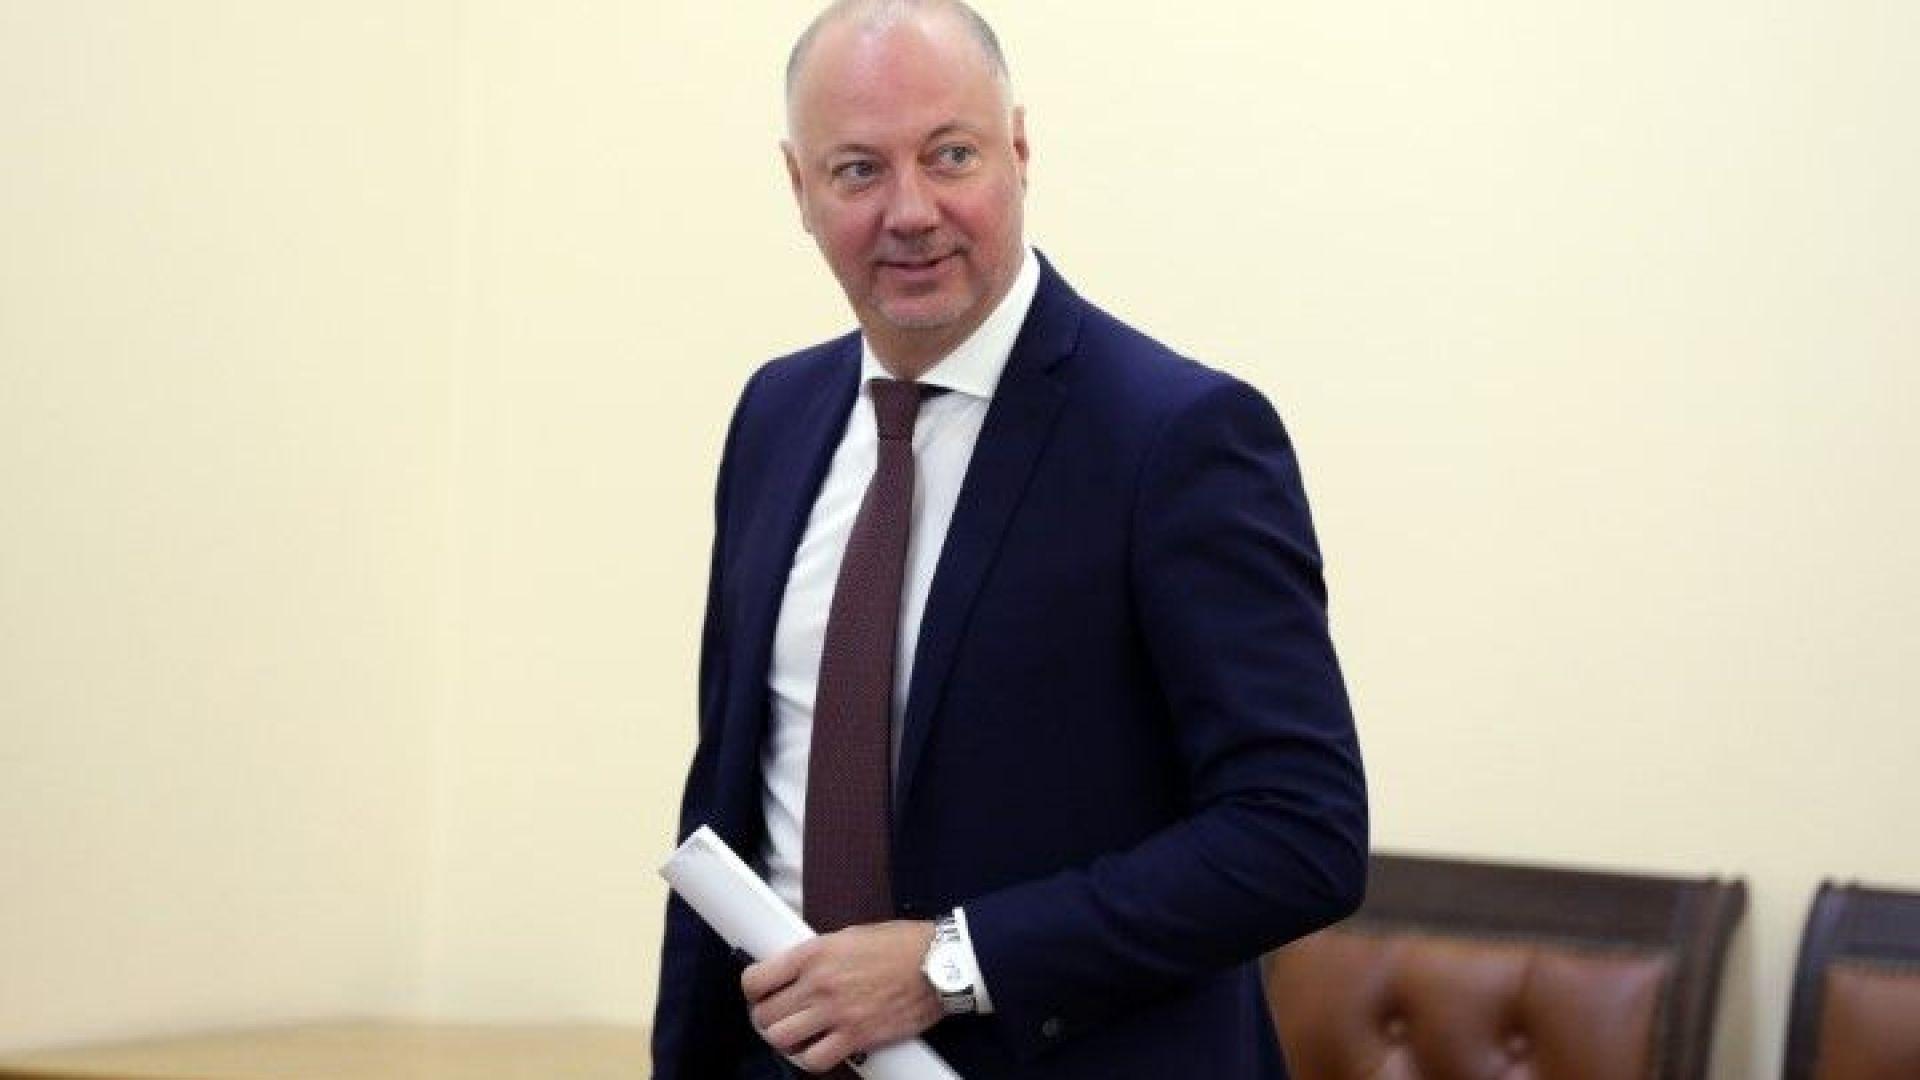 Росен Желязков: Трябва да се насърчат инвестициите в 5G мрежи и услуги